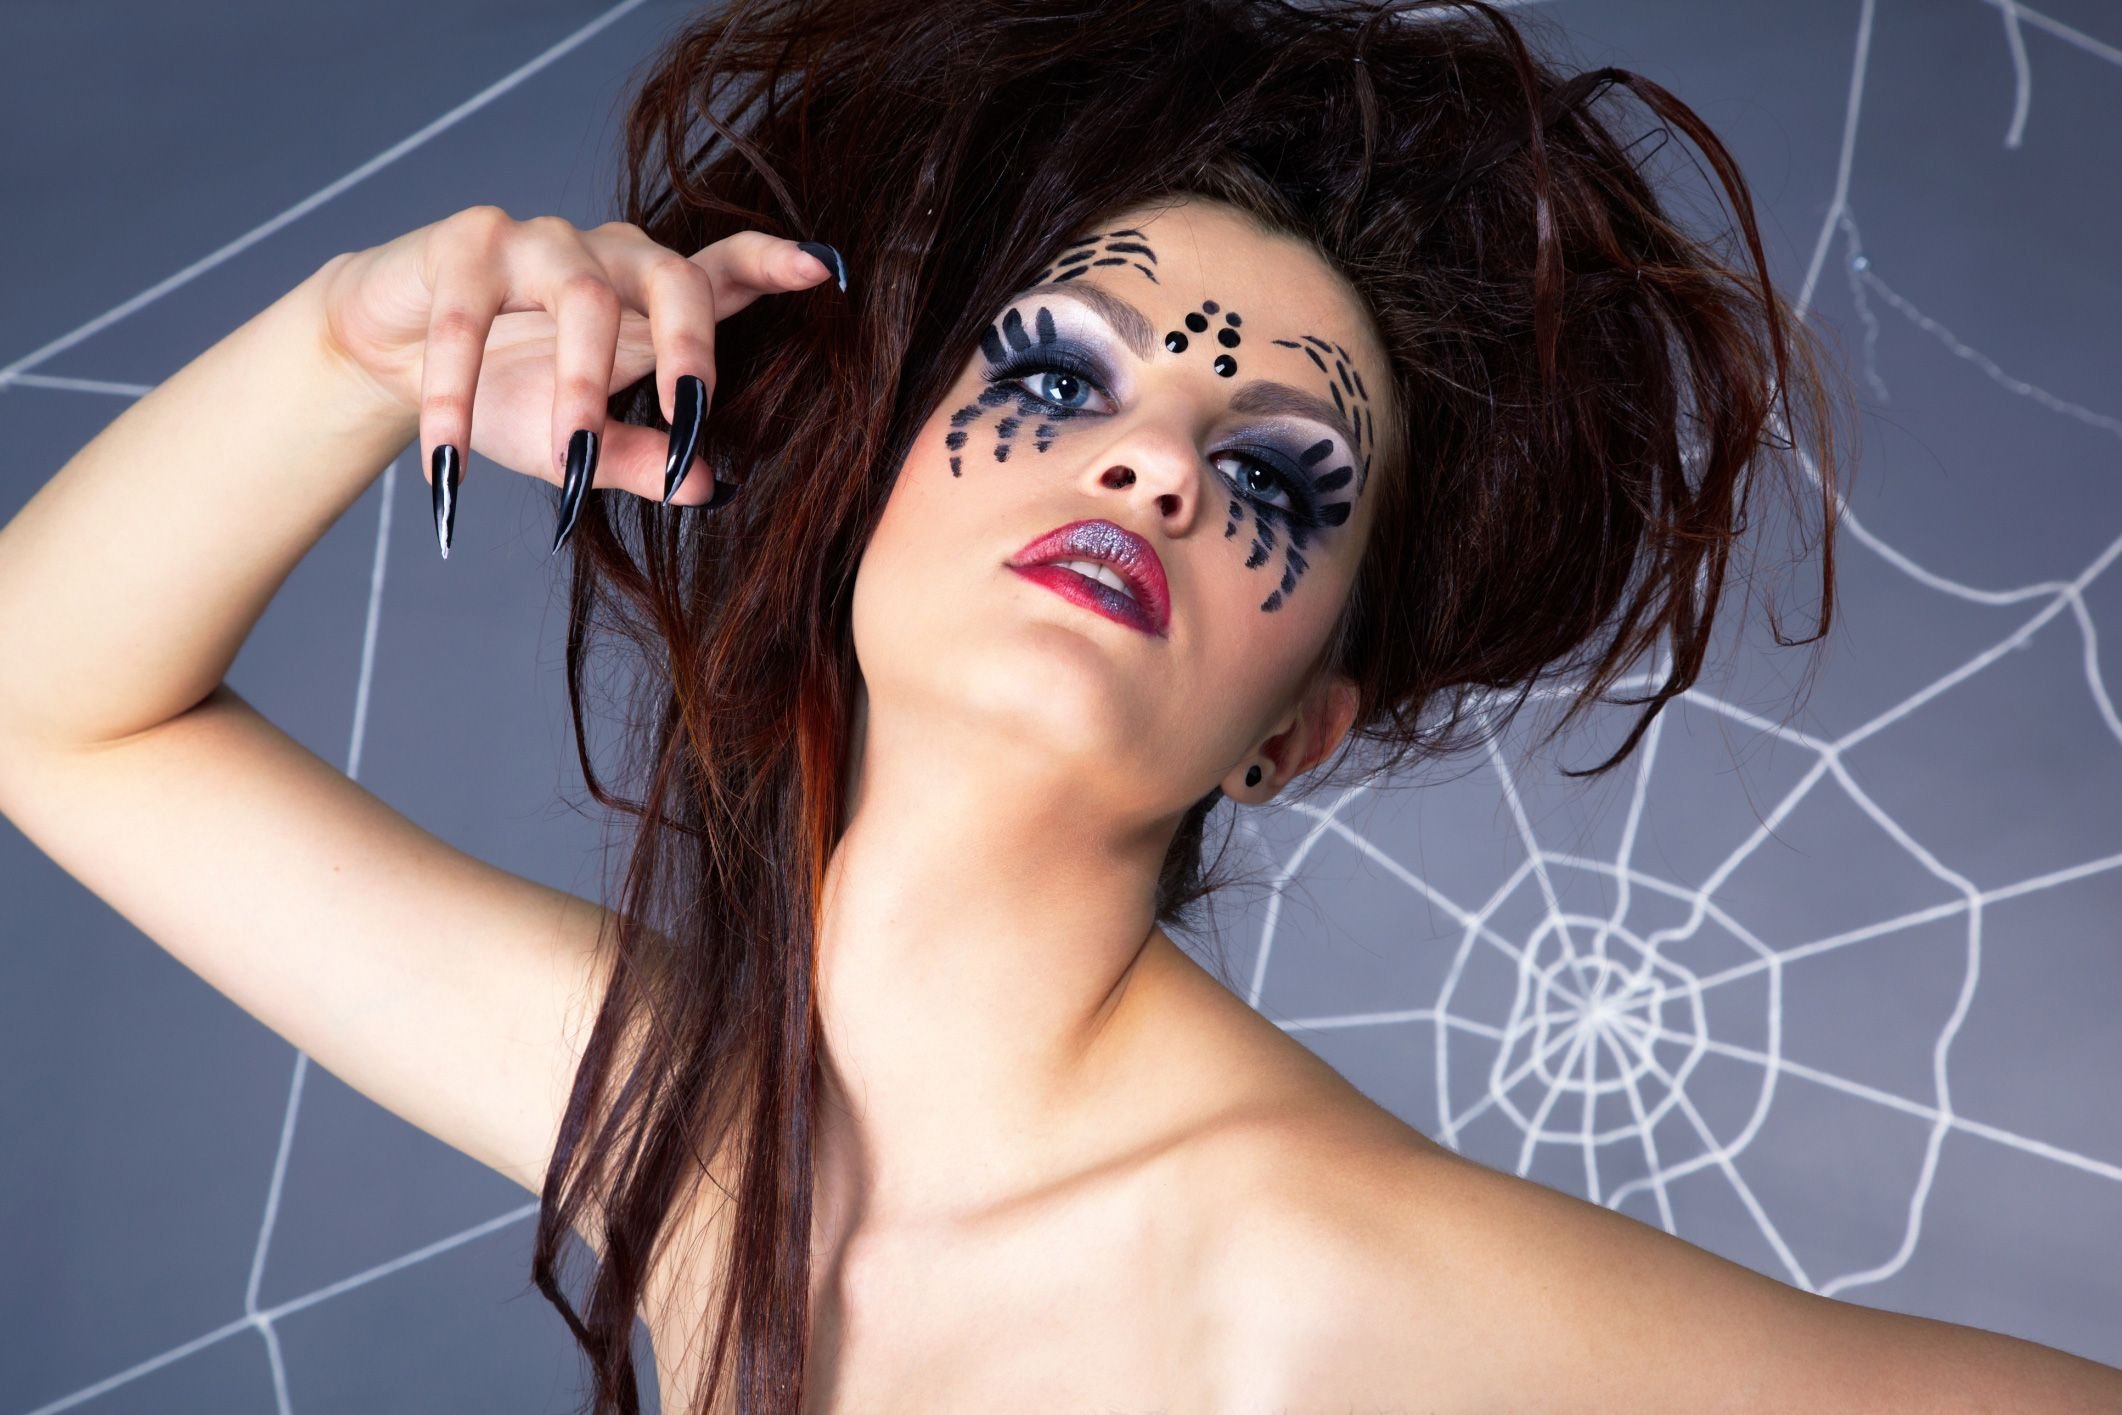 Фото девушка в паутине, Фото: Девушка, которая застряла в паутине Кадр из 27 фотография